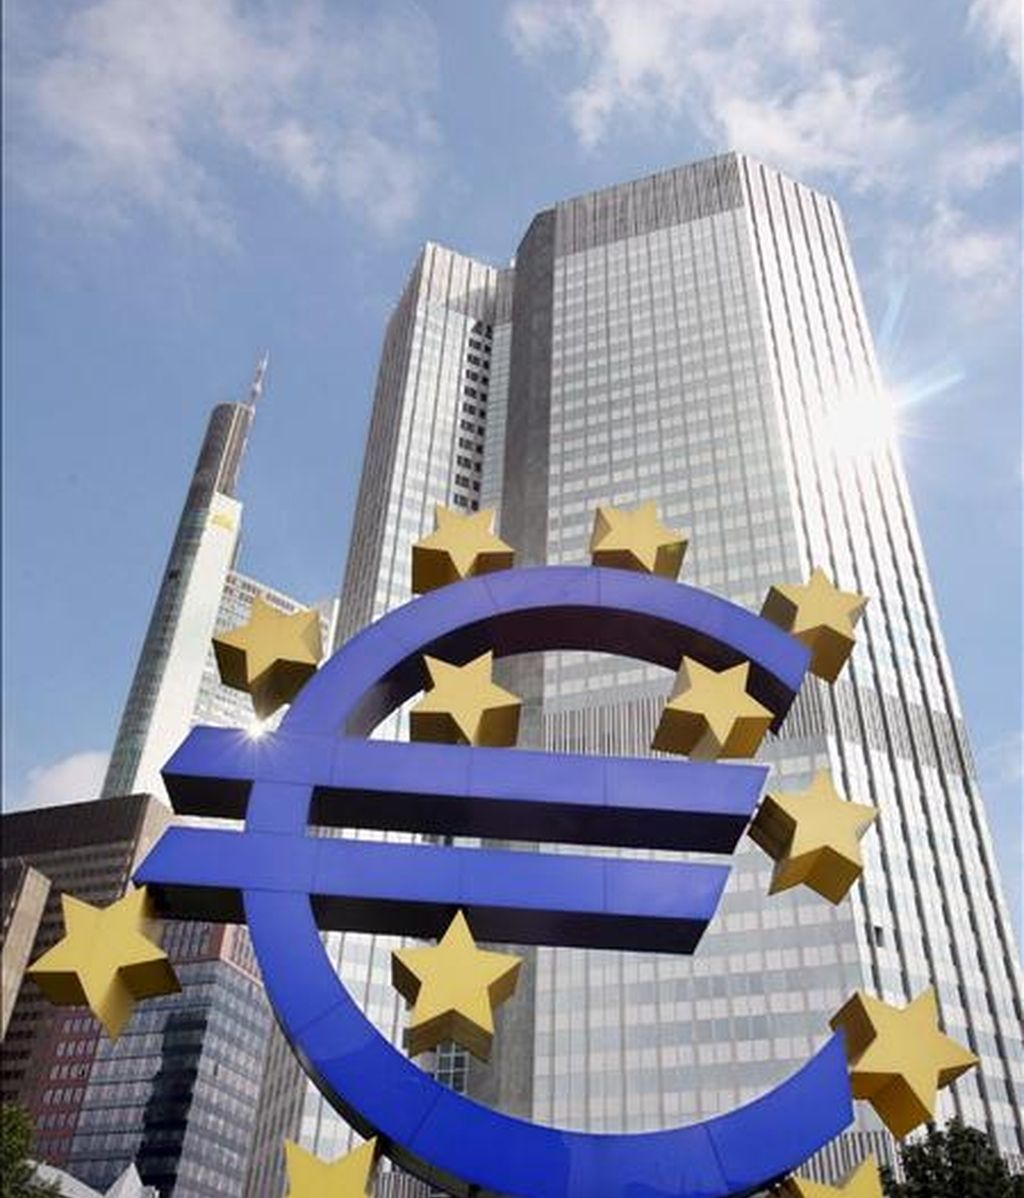 Fachada de la sede del Banco Central Europeo (BCE) en Fráncfort, Alemania. EFE/Archivo